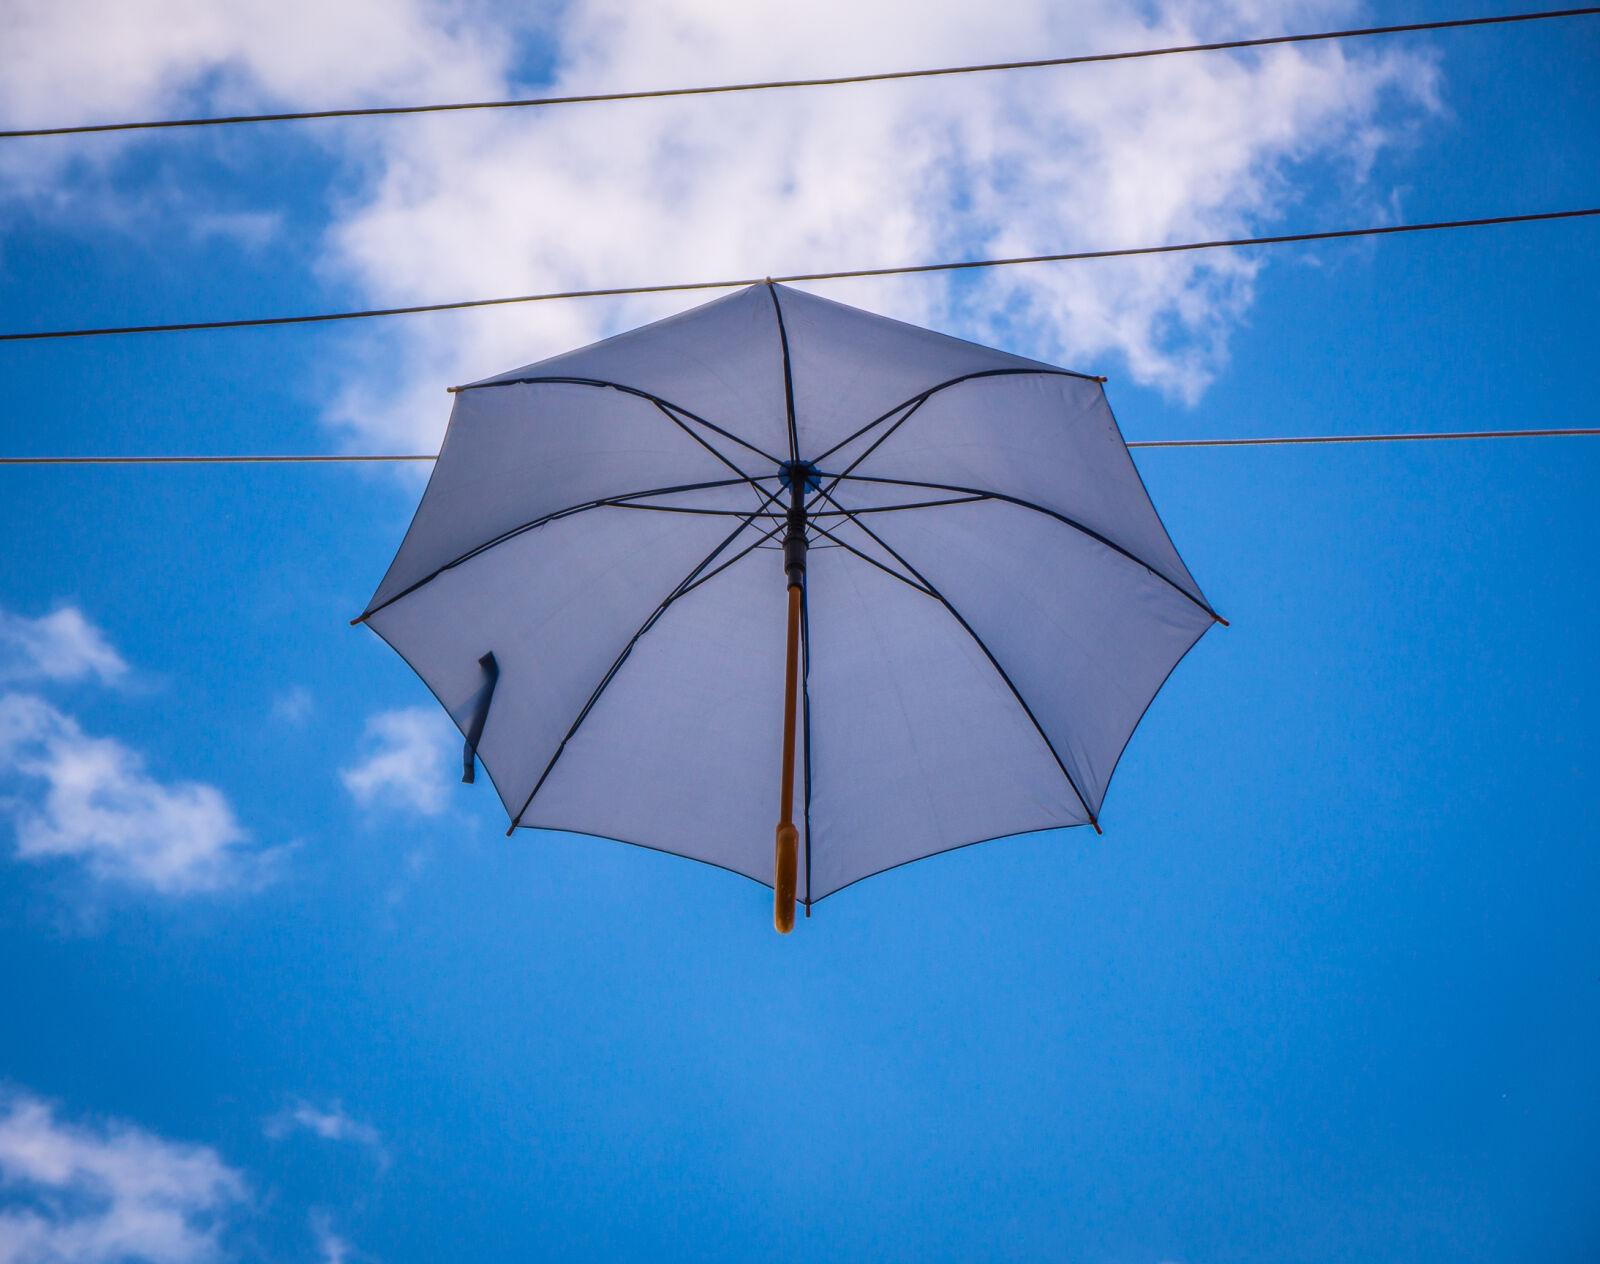 sky, umbrella